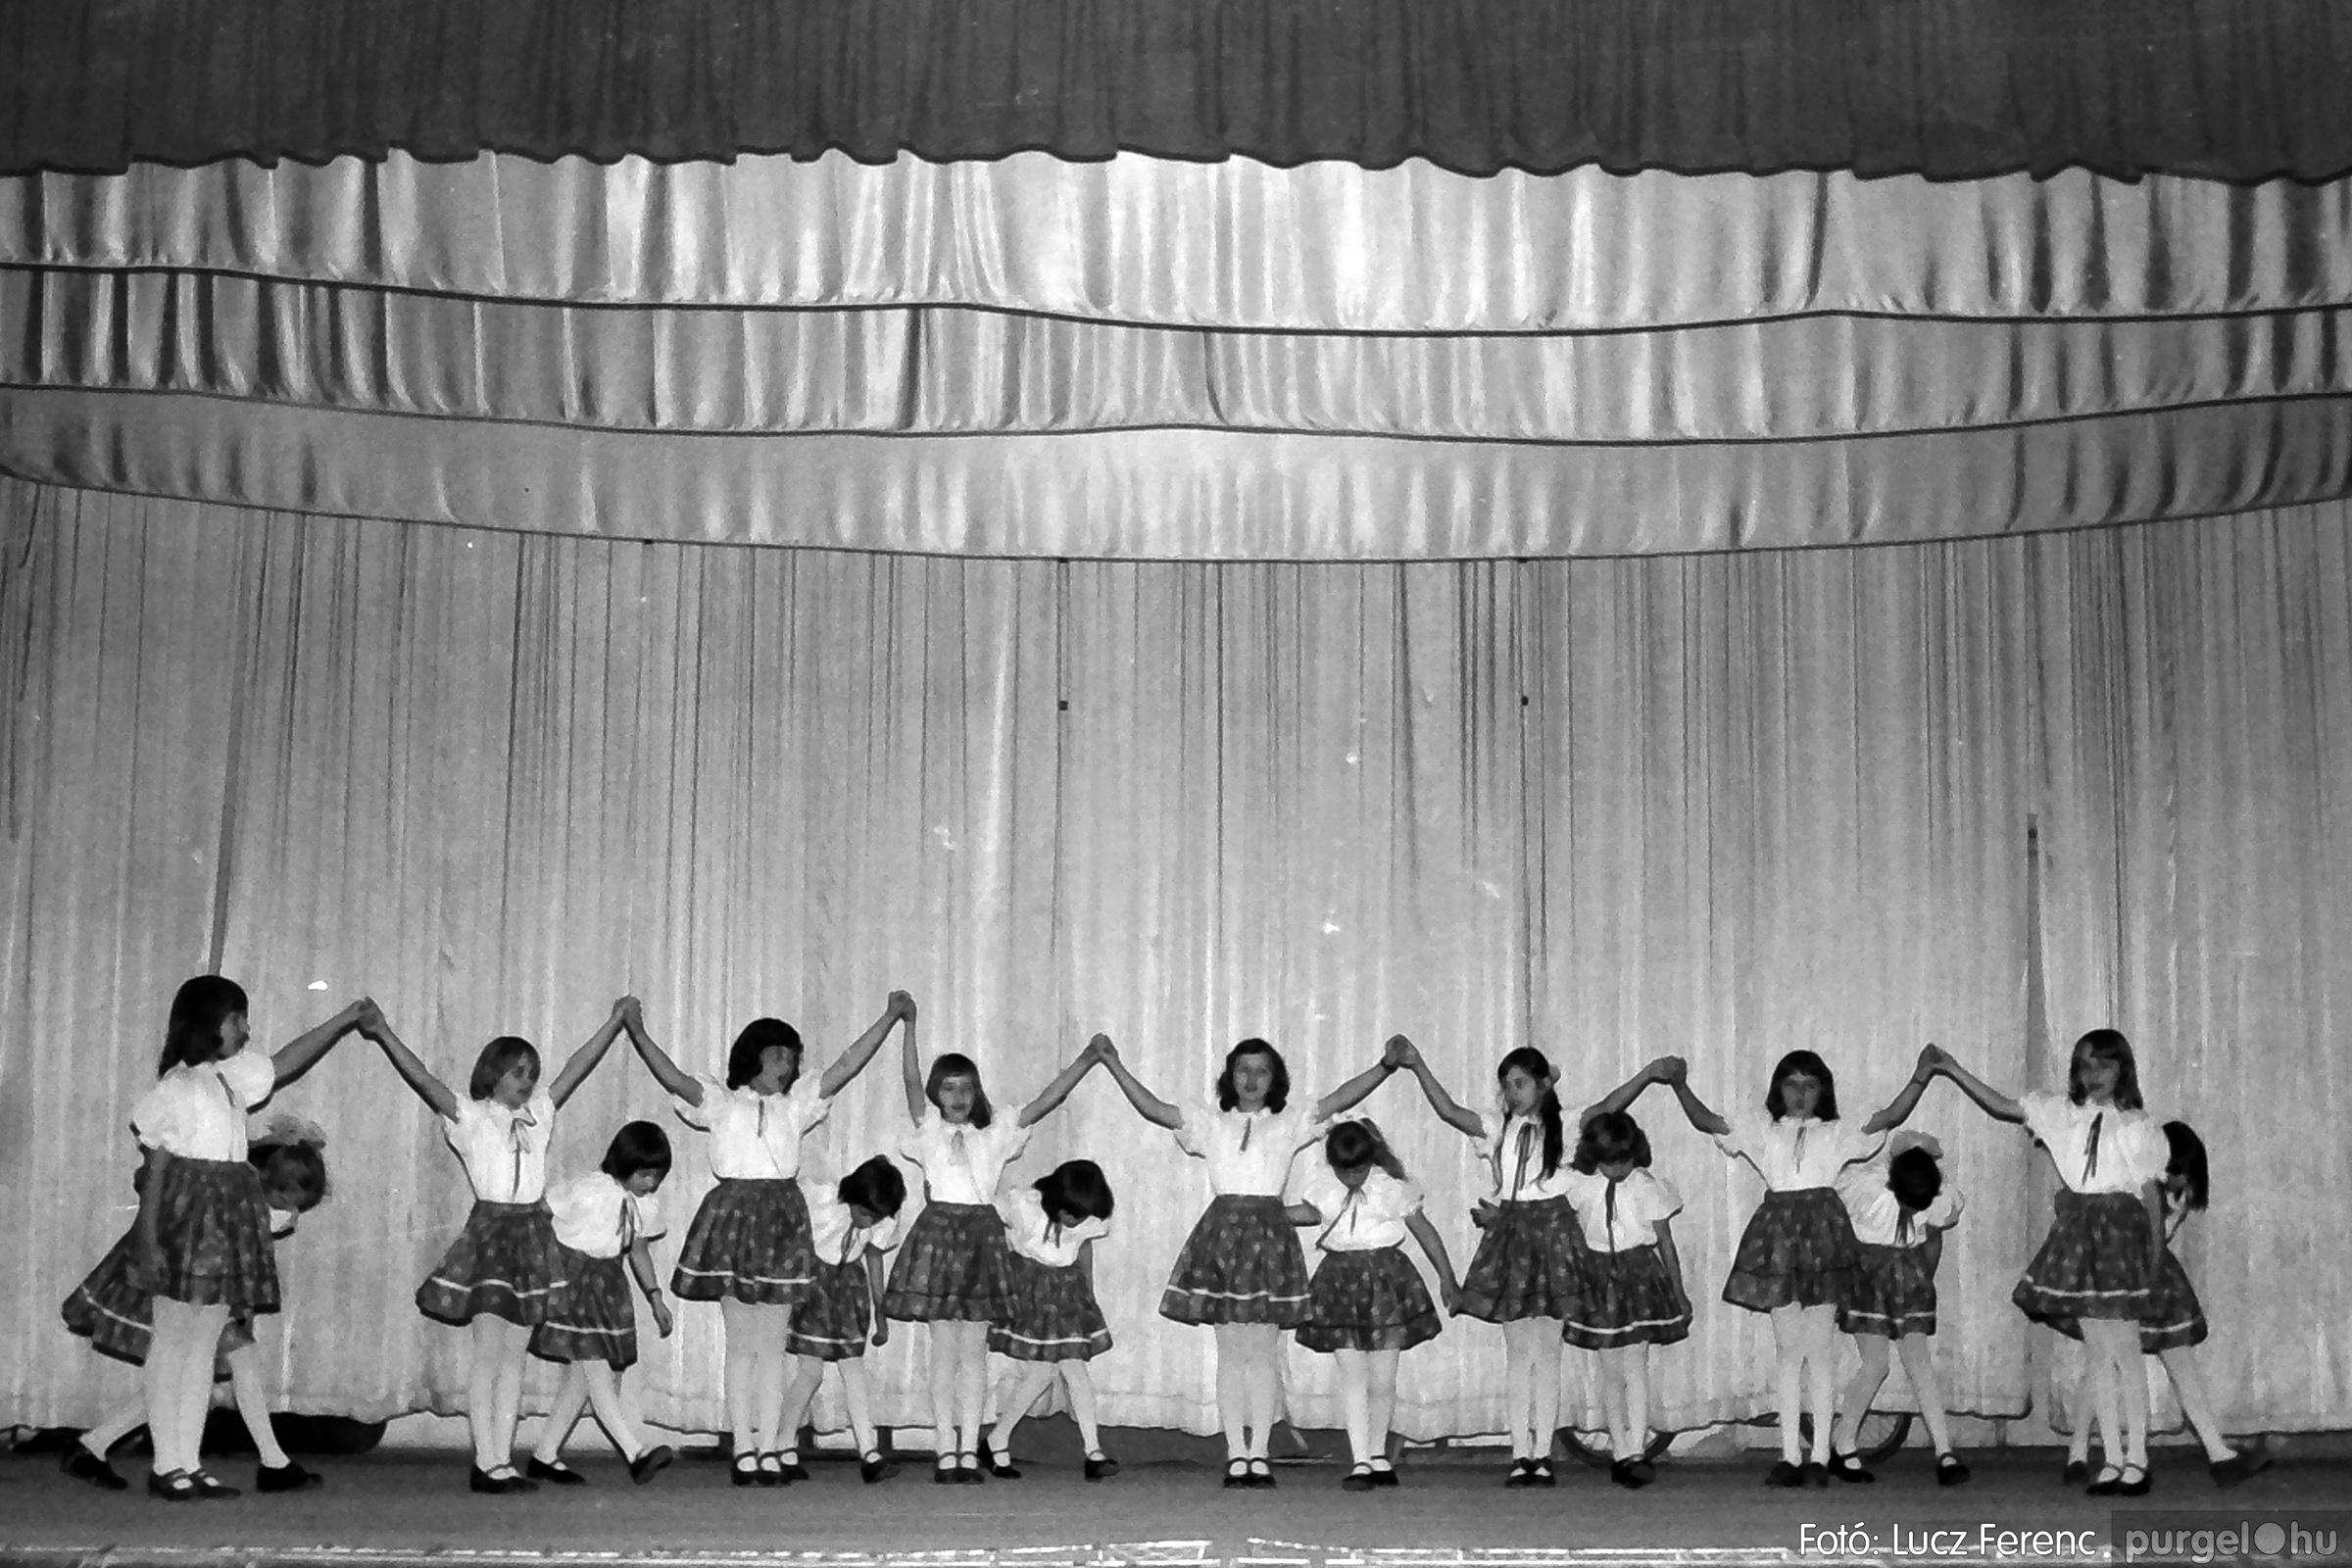 076. 1977. Iskolások fellépése a kultúrházban 019. - Fotó: Lucz Ferenc.jpg